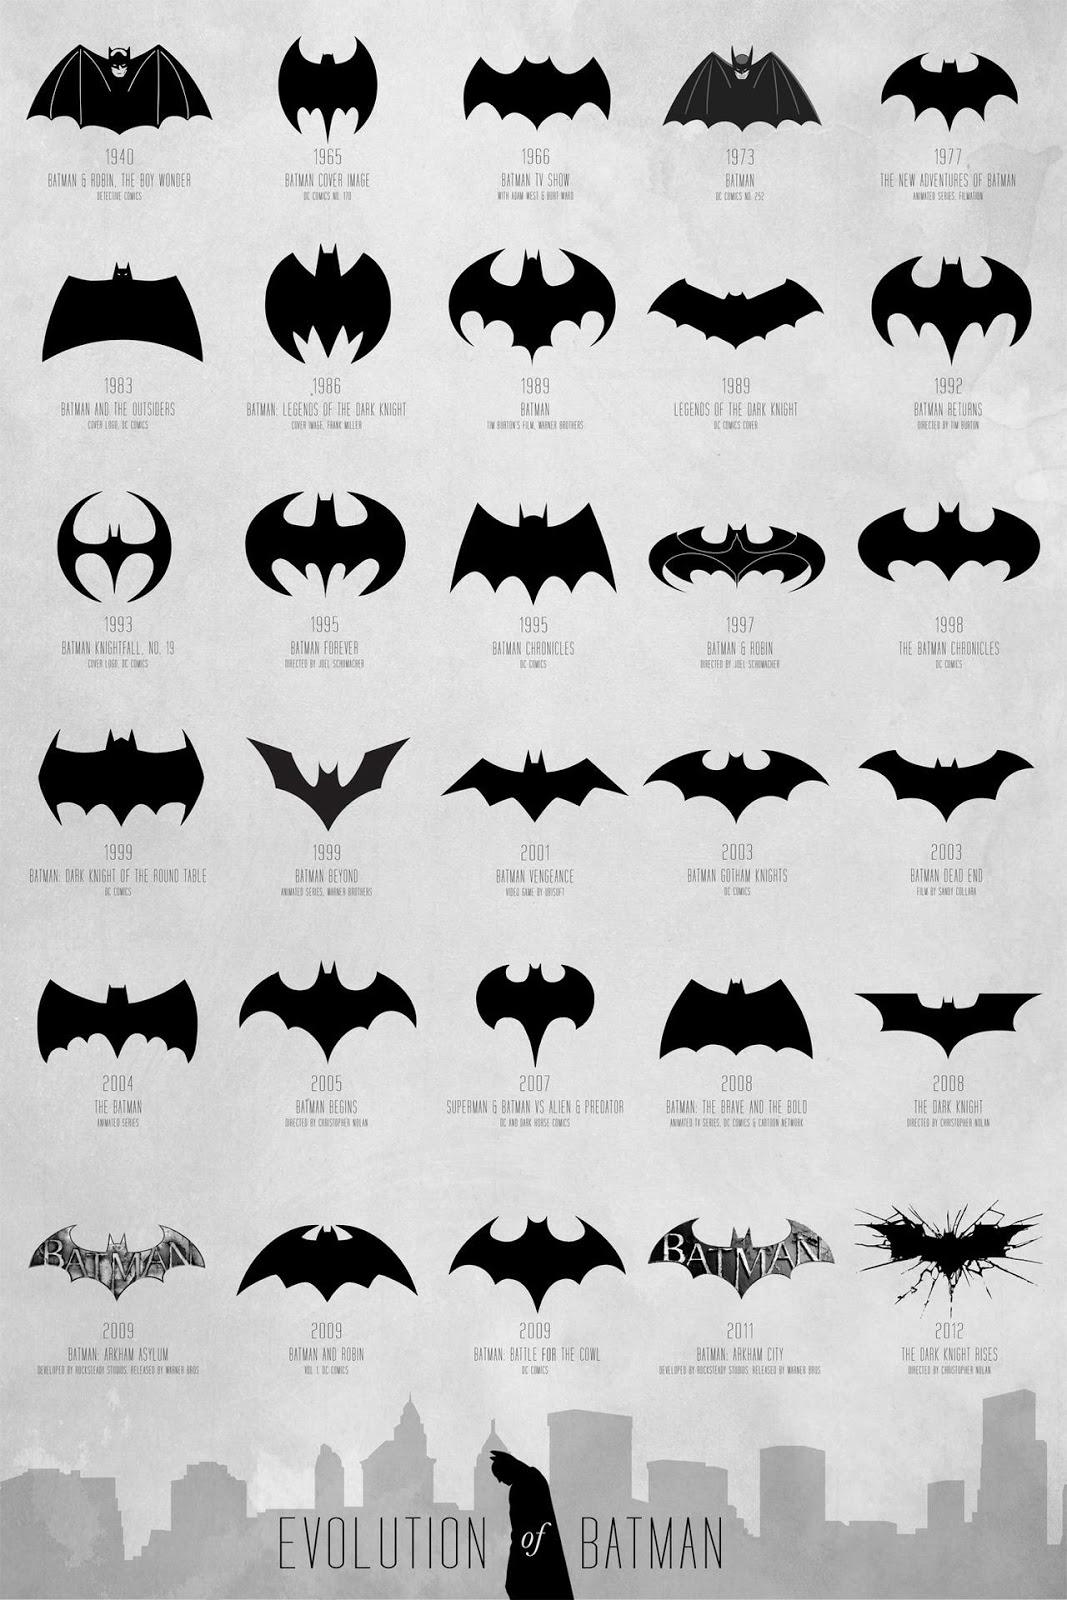 toyhaven: Batman Icon's Mutation – 70-year Evolution of ...